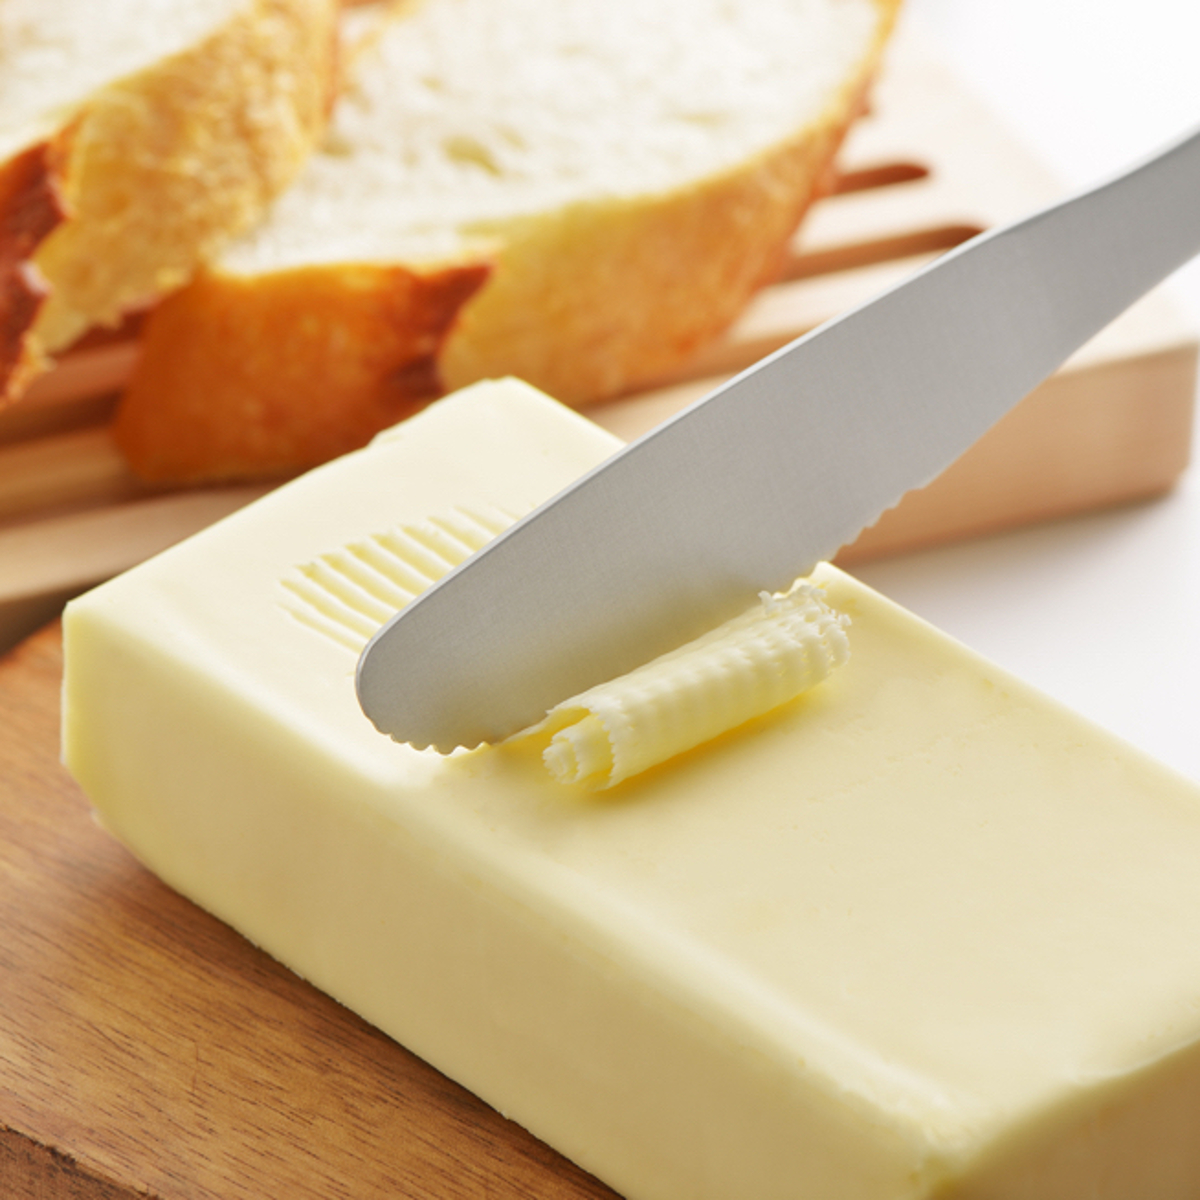 手の温度で溶けるバターナイフ 秘密は「体温」- 手の温度でバターを削り、そのまま薄く塗れるバターナイフ   バターナイフ(バター・チーズ兼用タイプ)